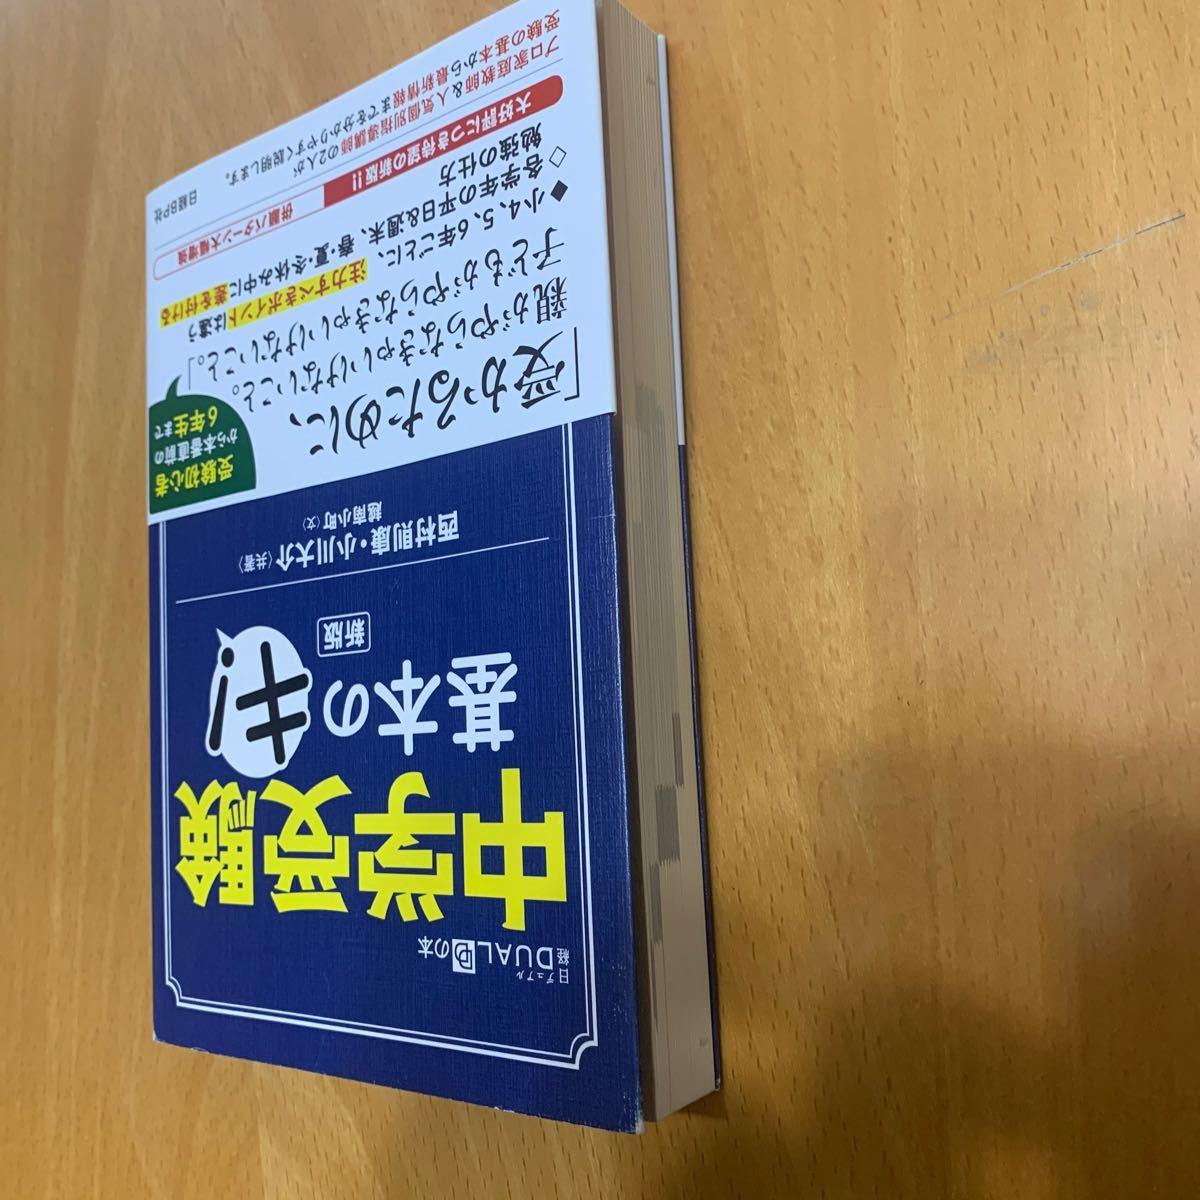 中学受験基本のキ! /西村則康/小川大介/越南小町